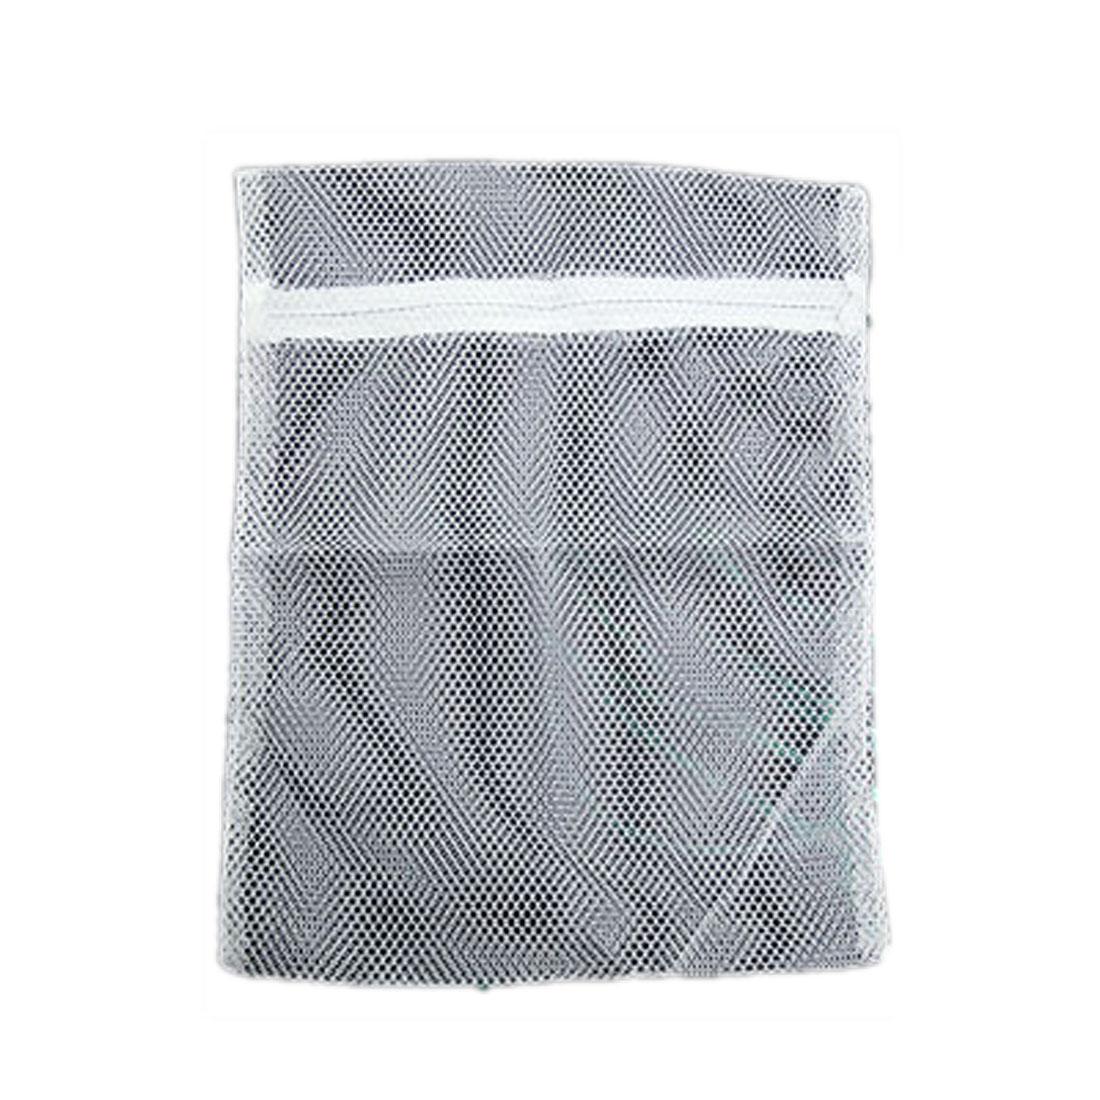 Zipper Mesh Delicates Lingerie Clothes Wash Laundry Bag